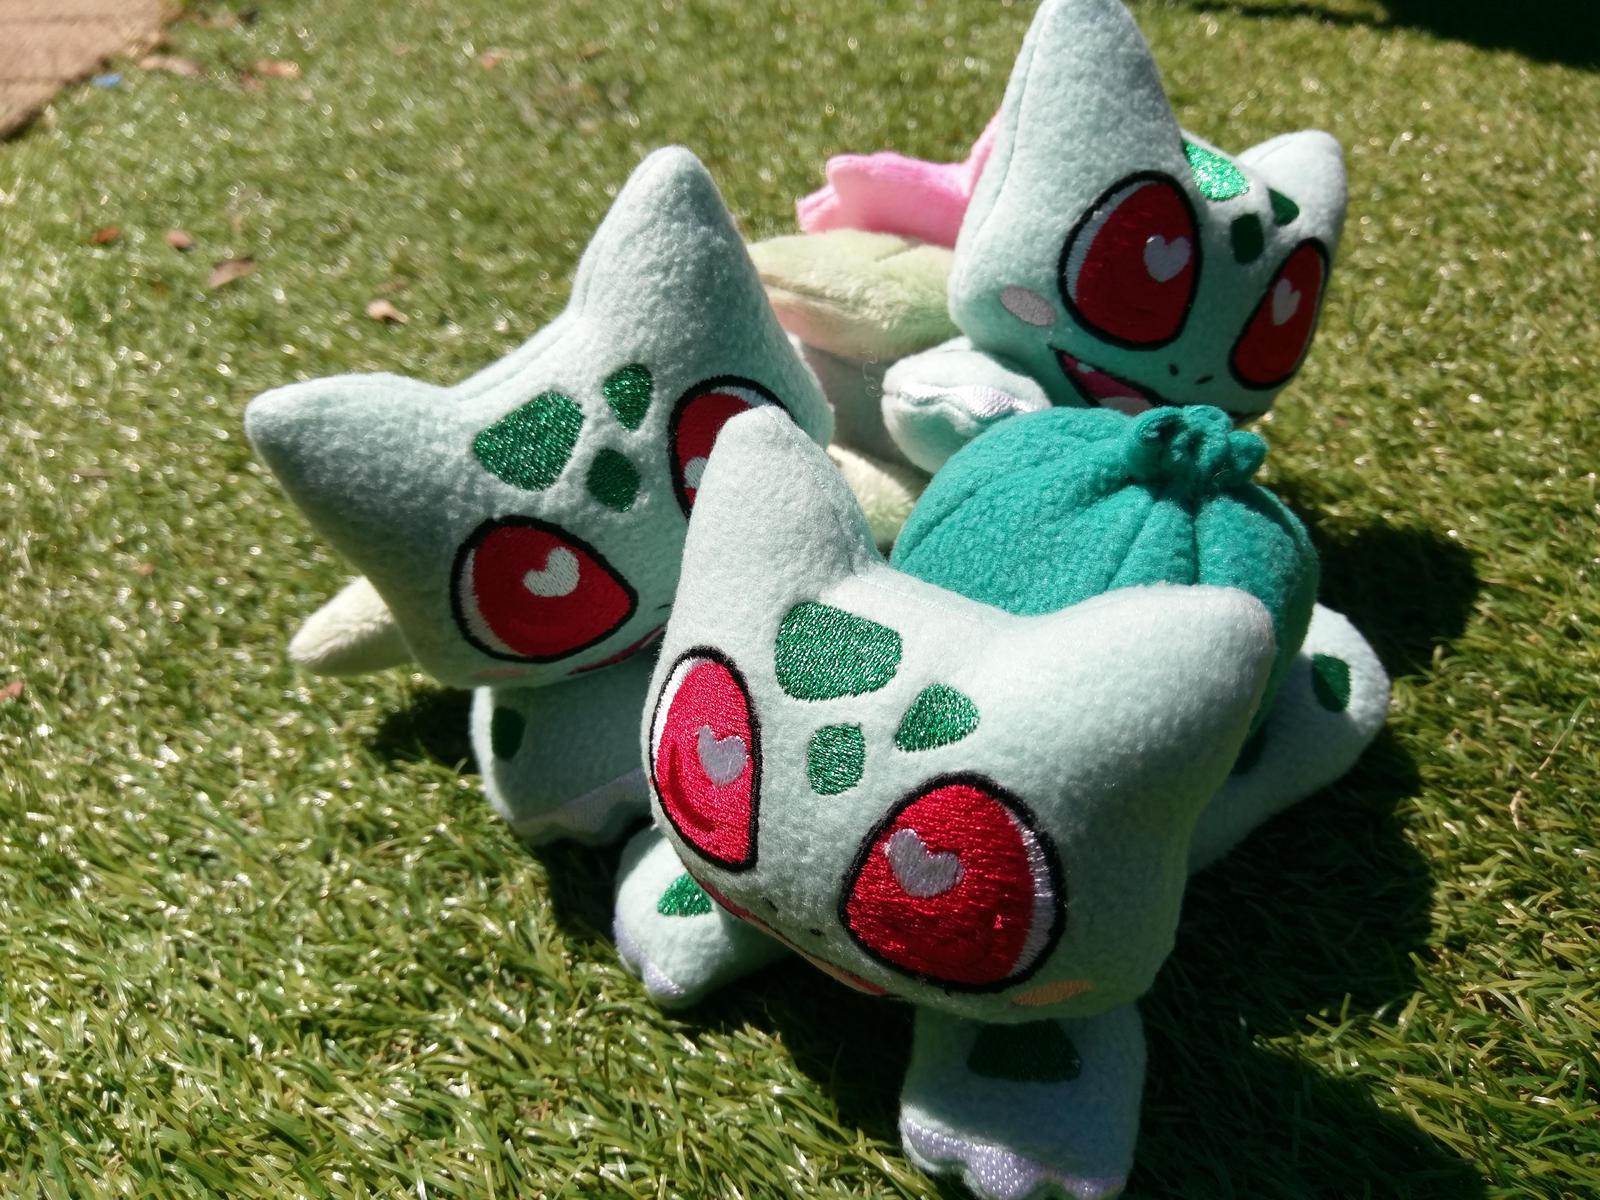 Bulbasaur plushies